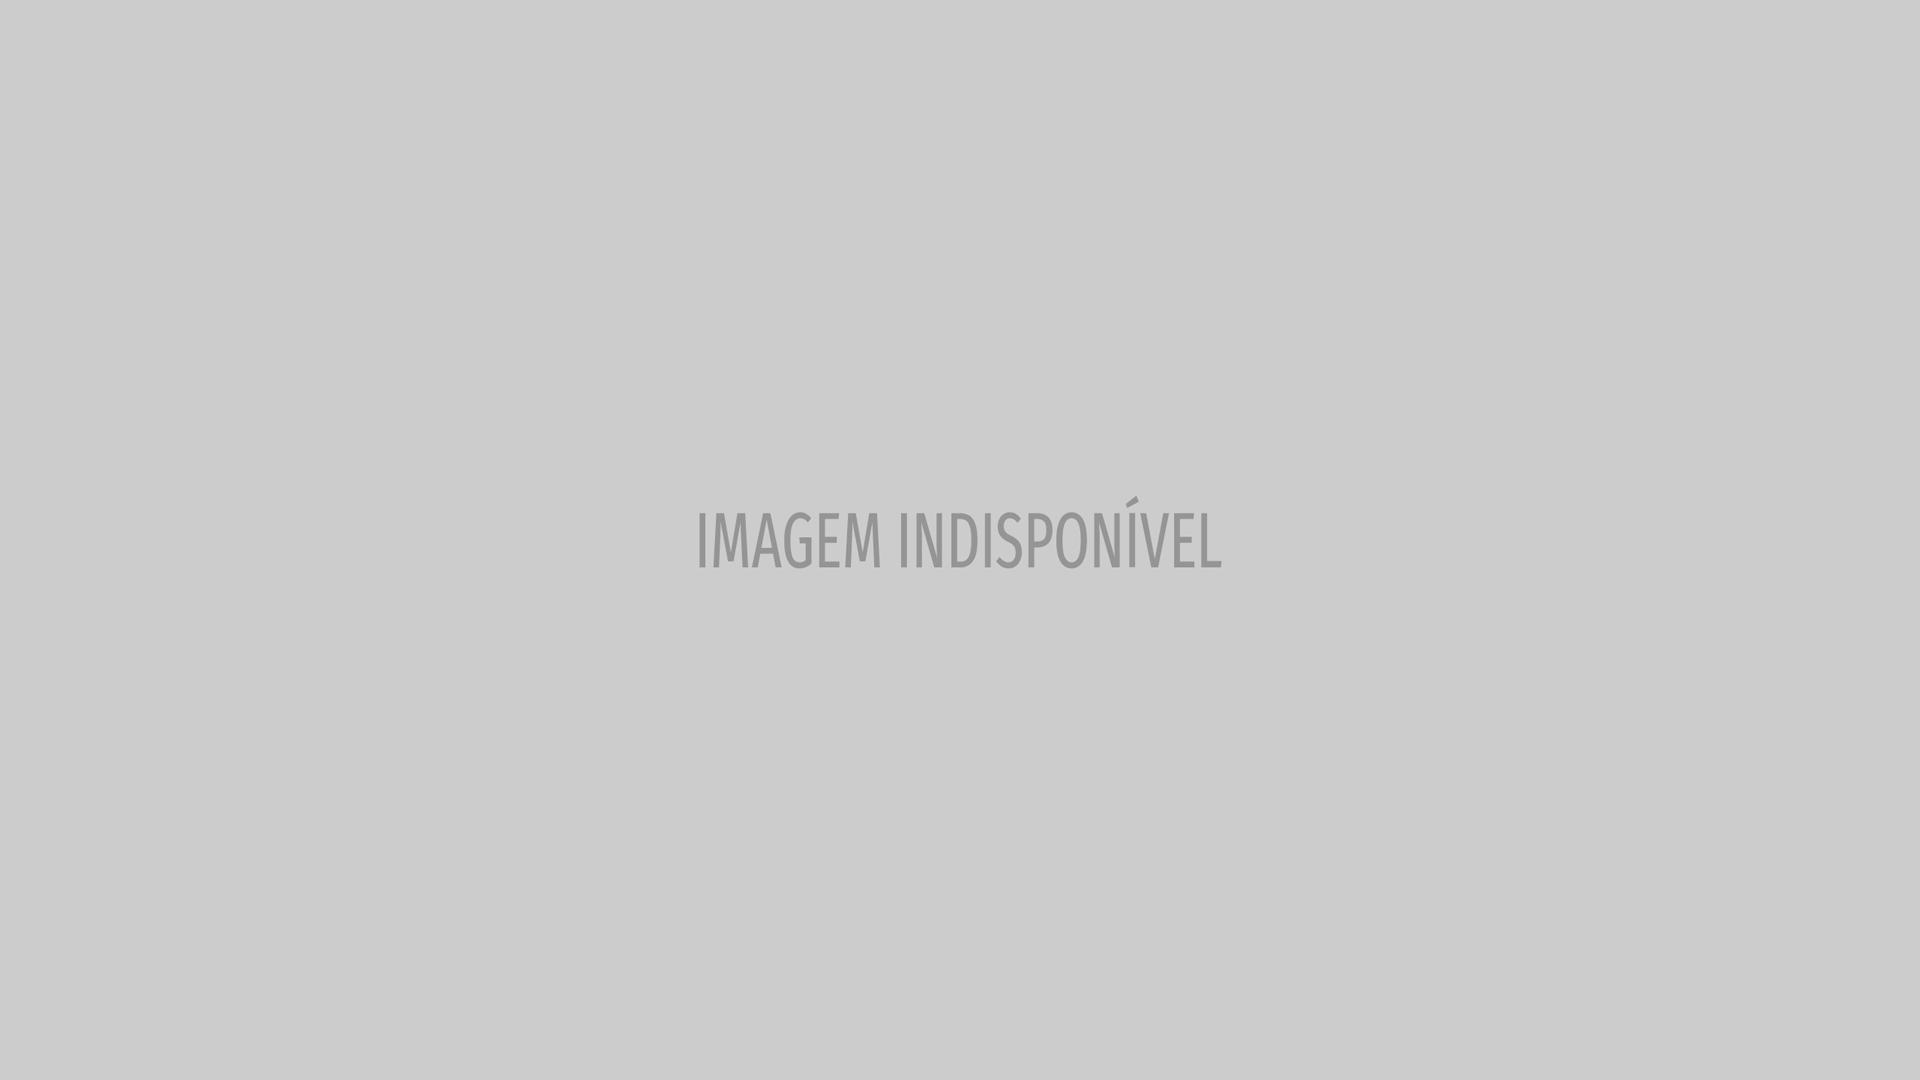 Macaco morre atropelado e Latino lamenta: 'Dia mais infeliz da vida'